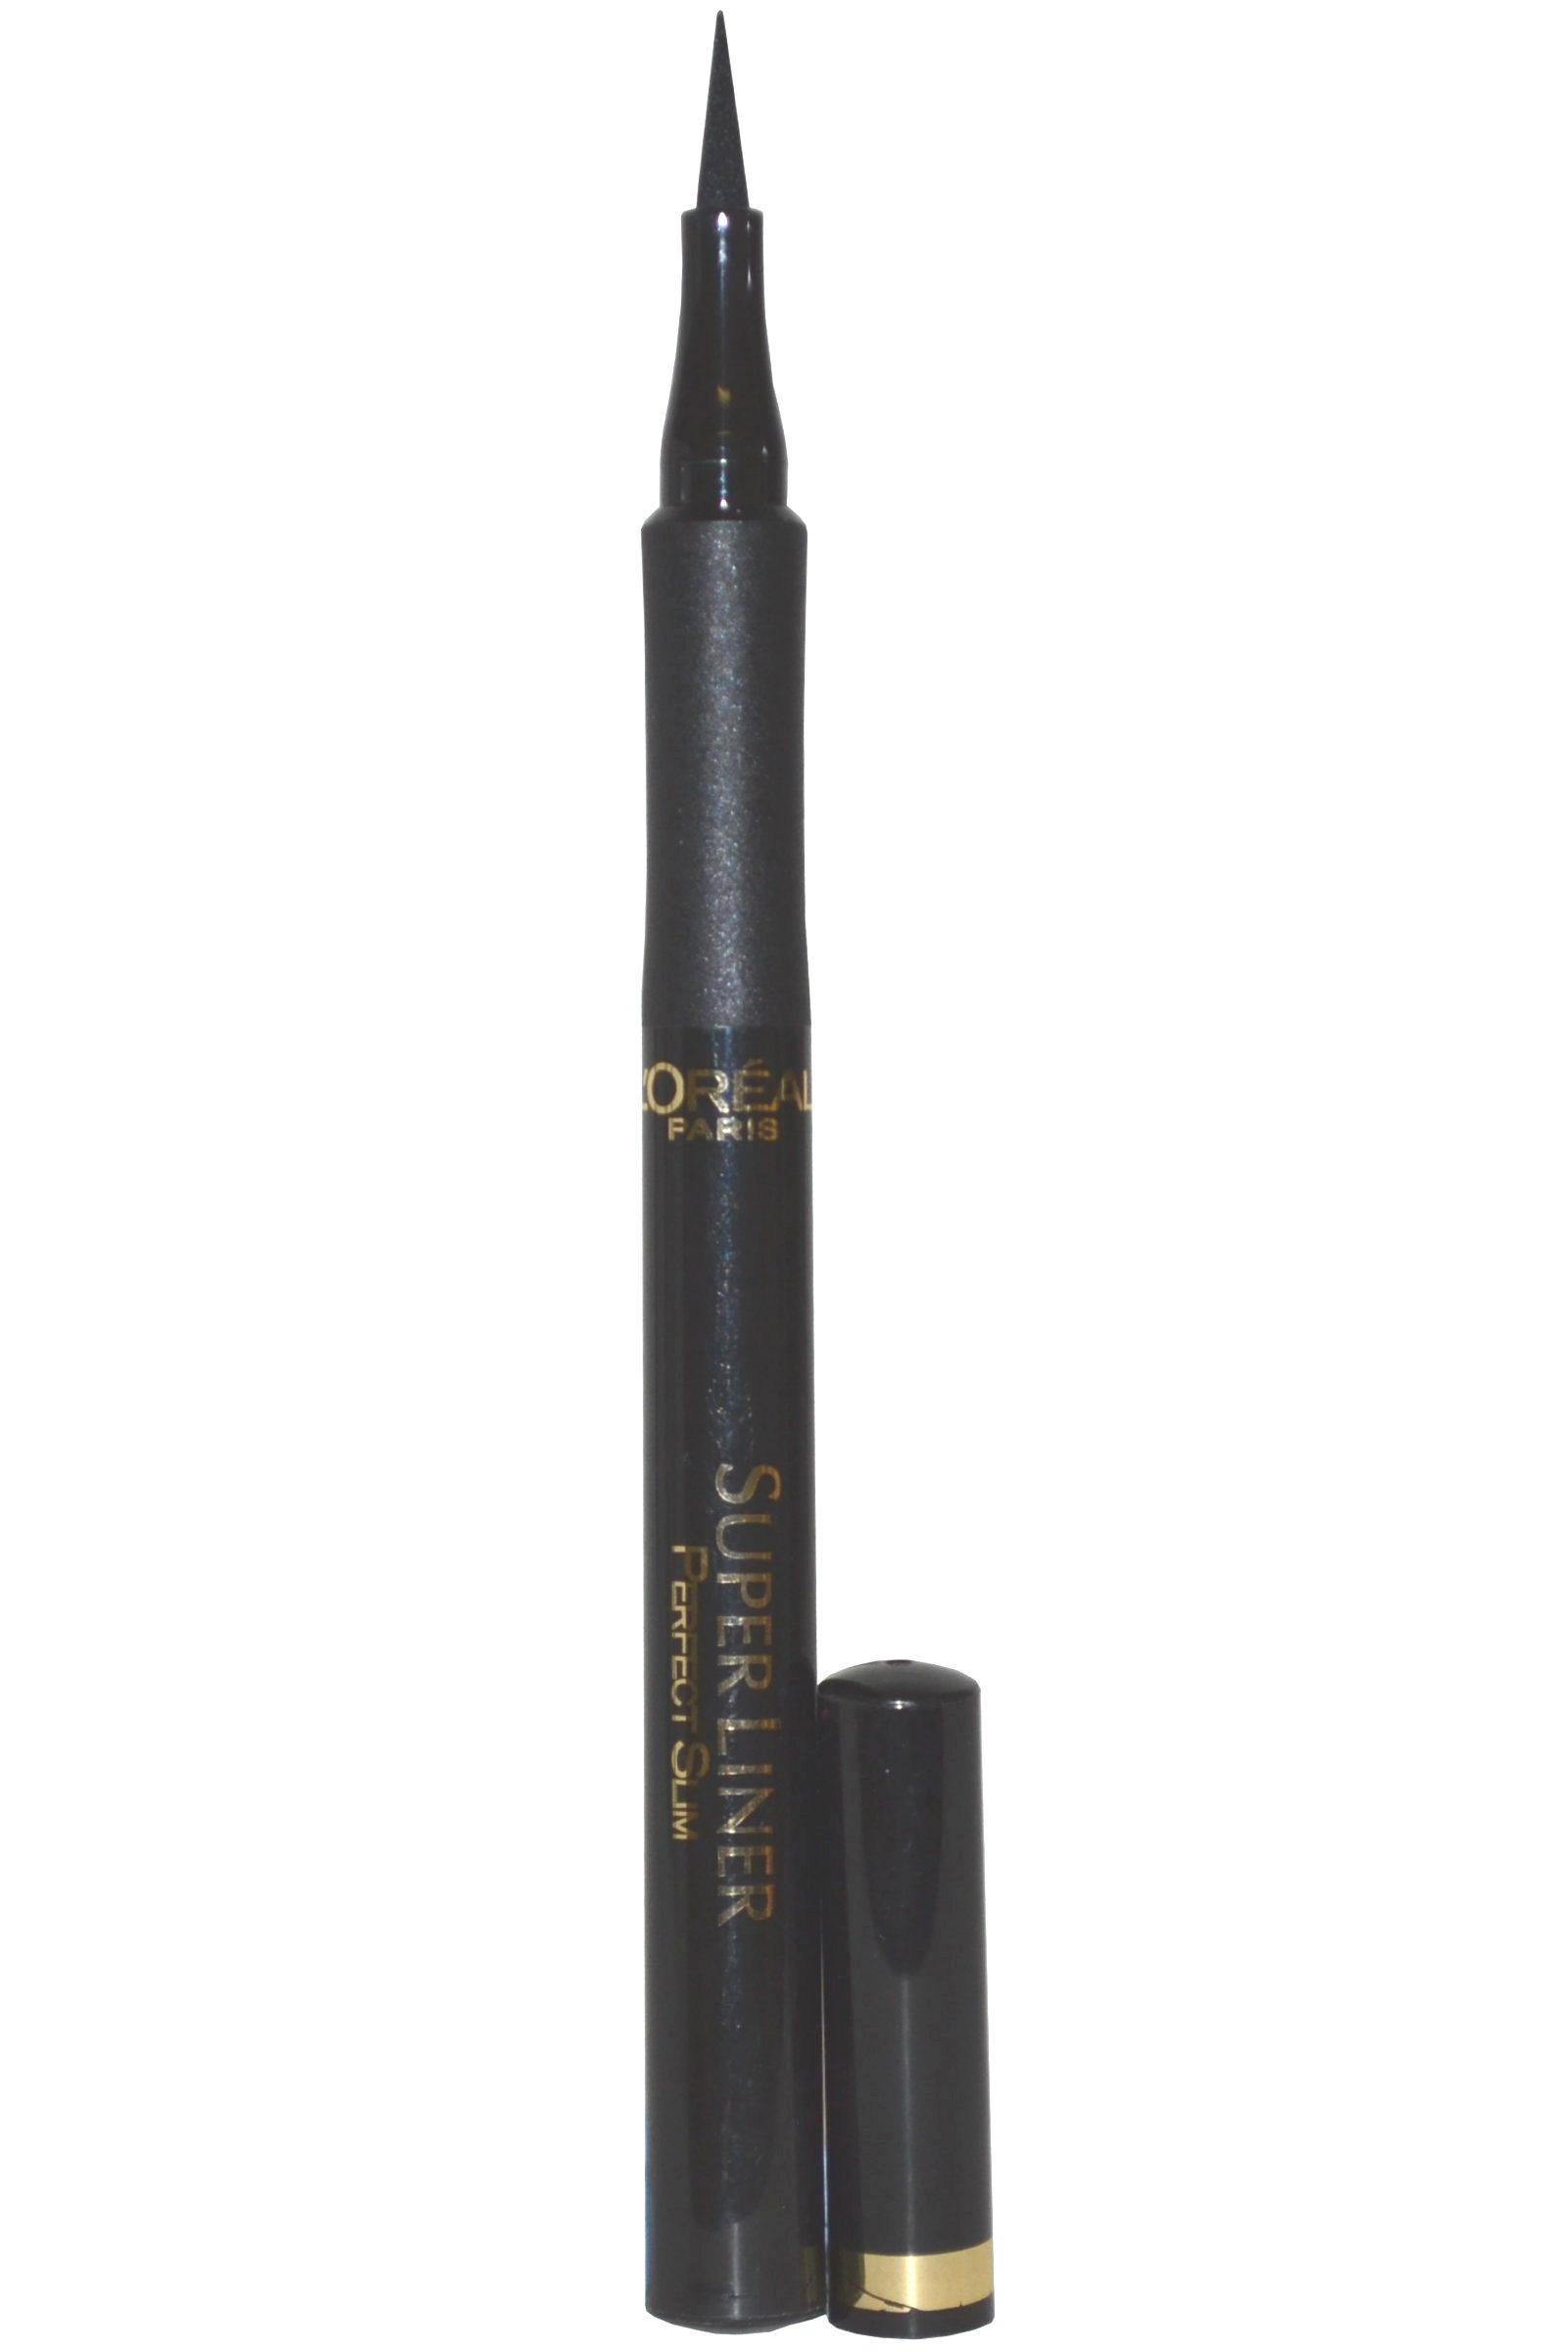 L Oreal L'Oreal Superliner Eyeliner Intense Black Perfect Slim